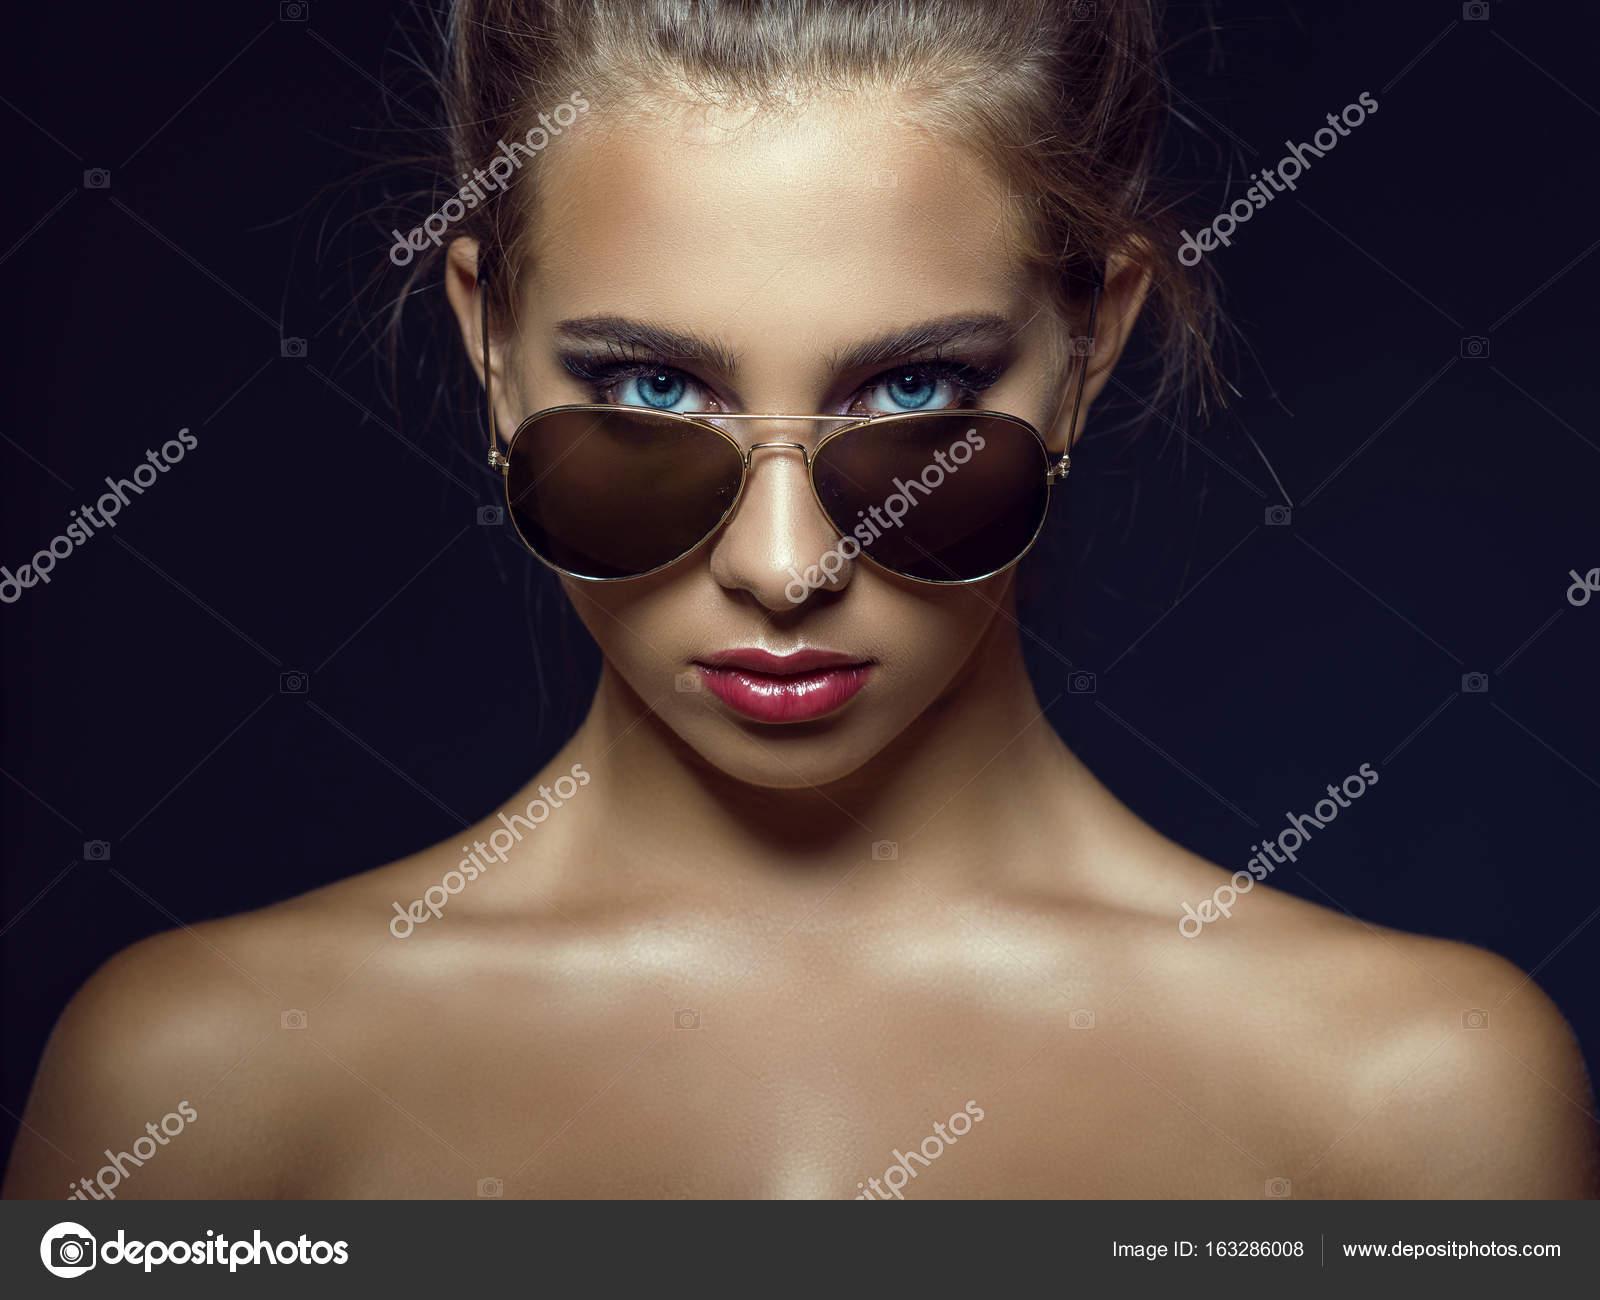 ... yeux bleus modèle avec beau maquillage et les cheveux de bébé autour de  son visage regardant droite par-dessus ses lunettes de soleil aviateur  branché. bb54ce4f2c68